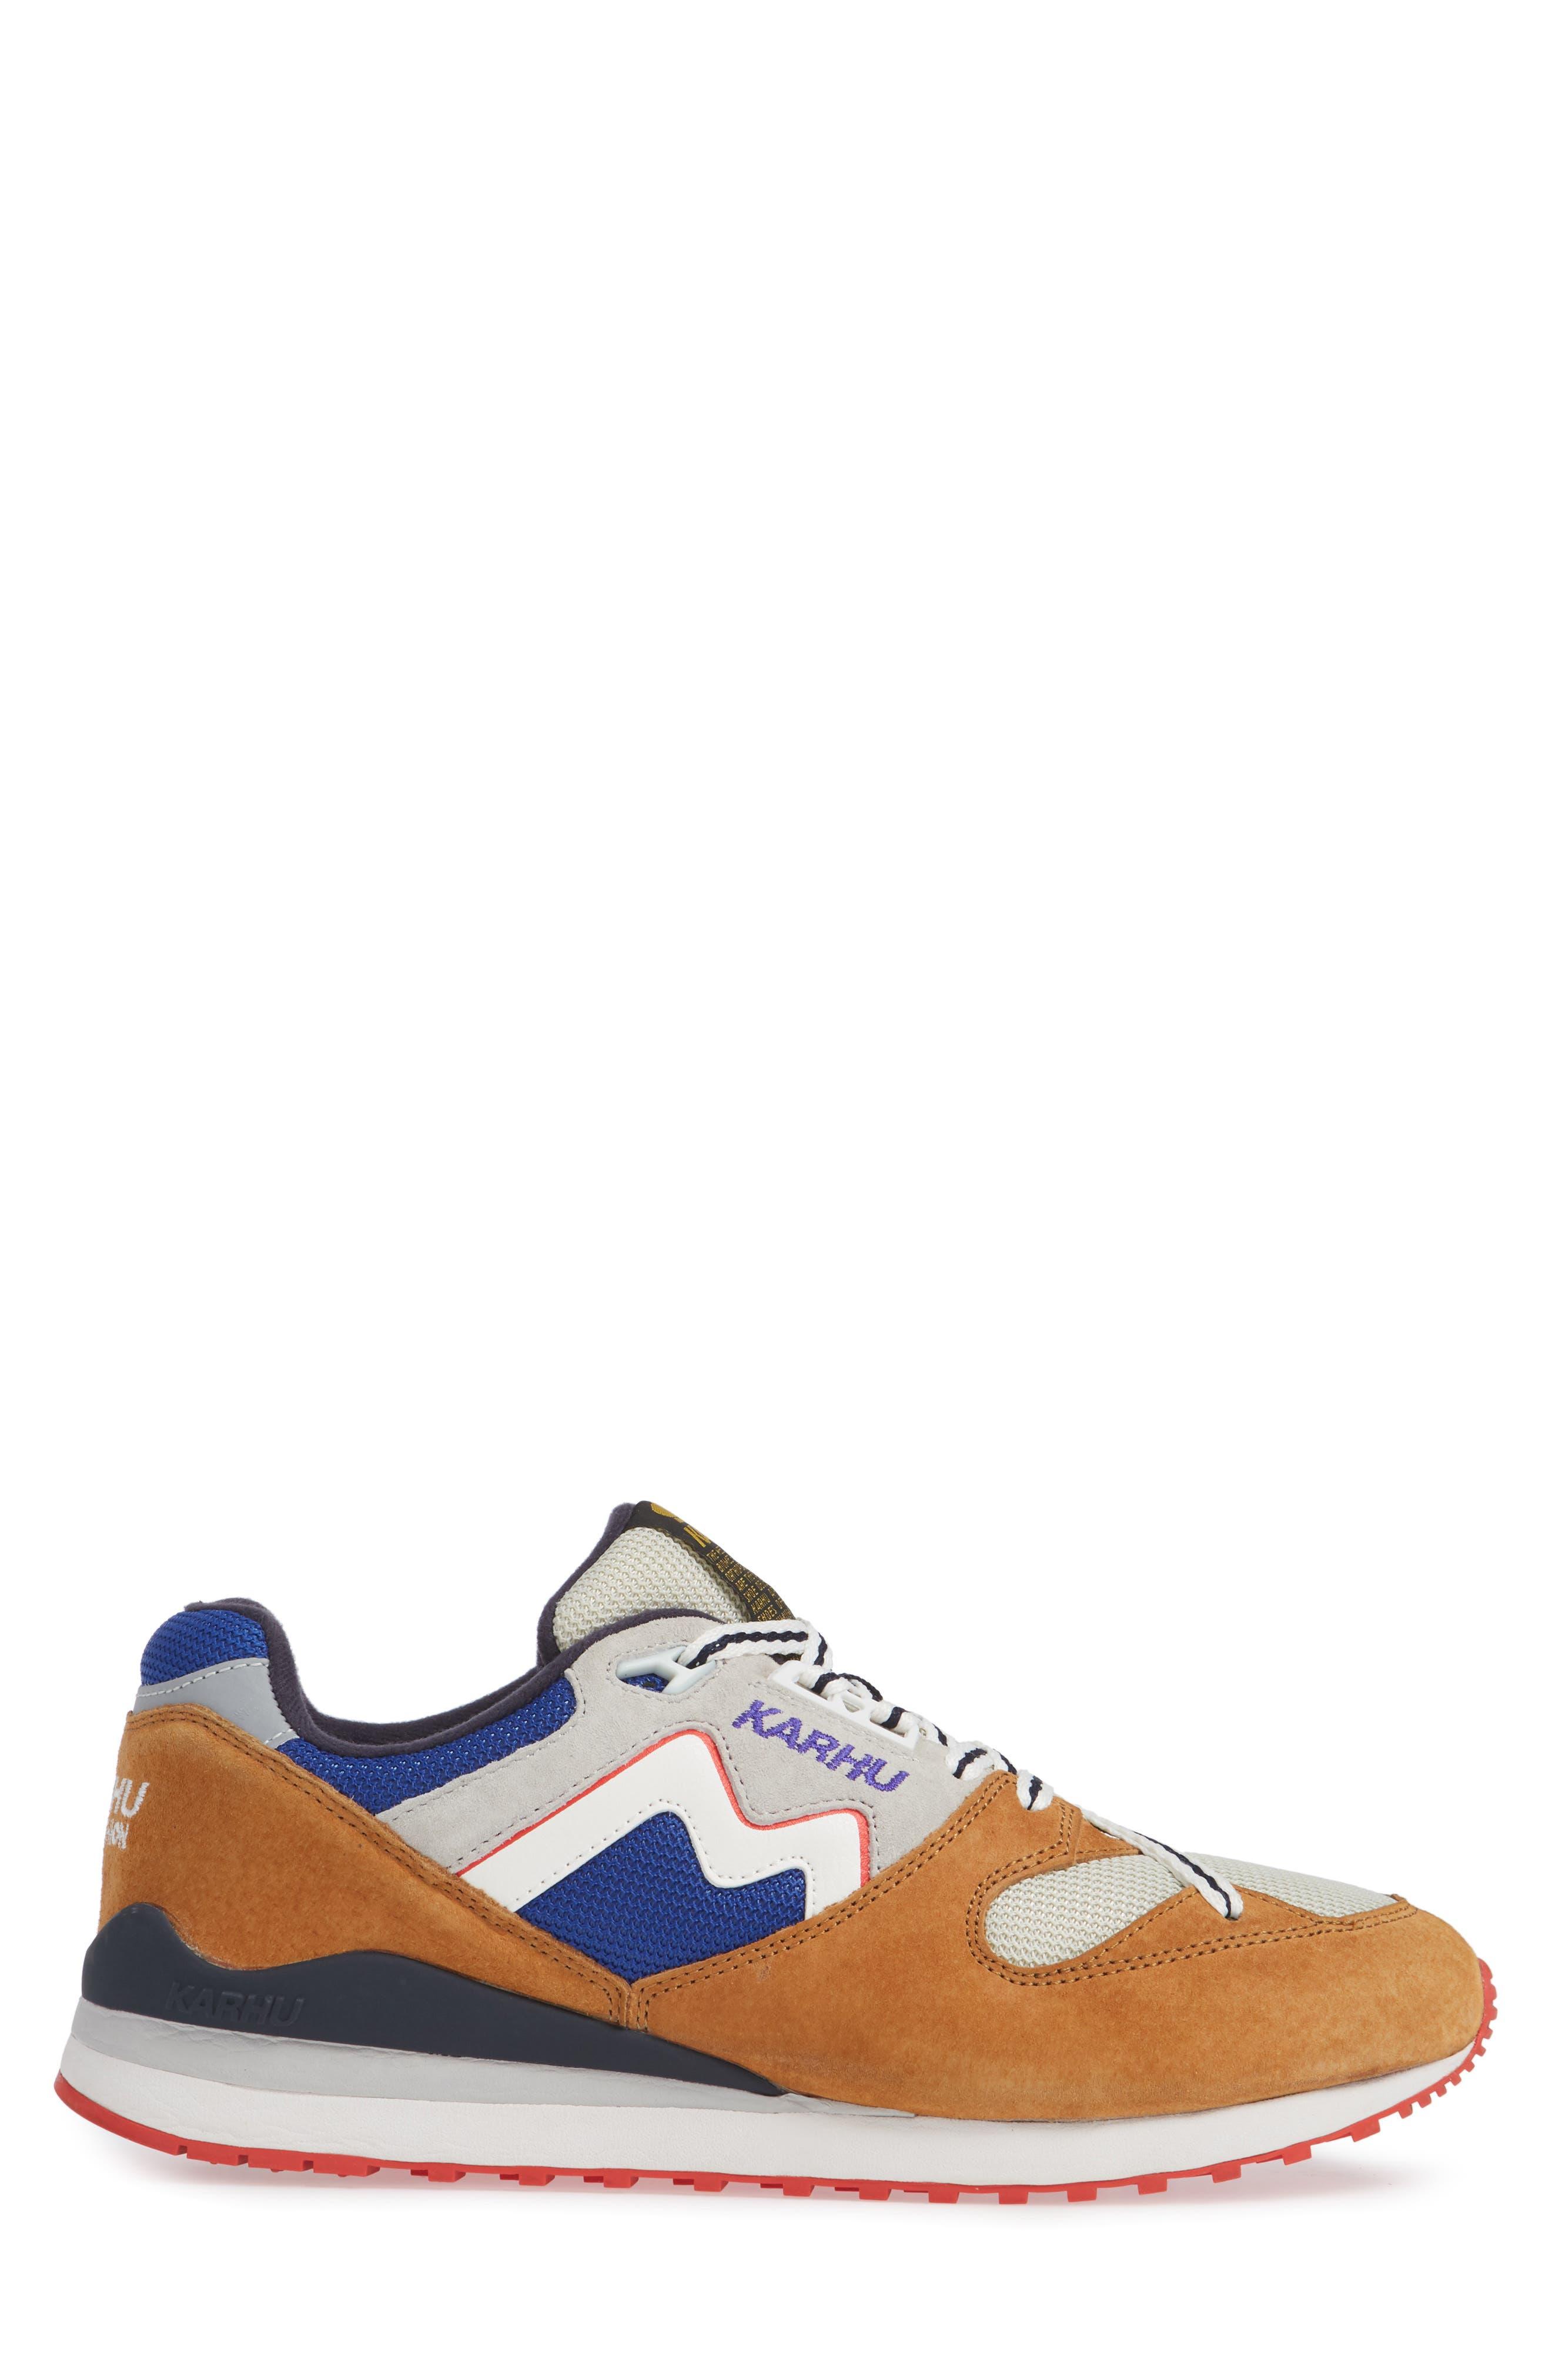 Synchron Classic Sneaker,                             Alternate thumbnail 3, color,                             OG GREY